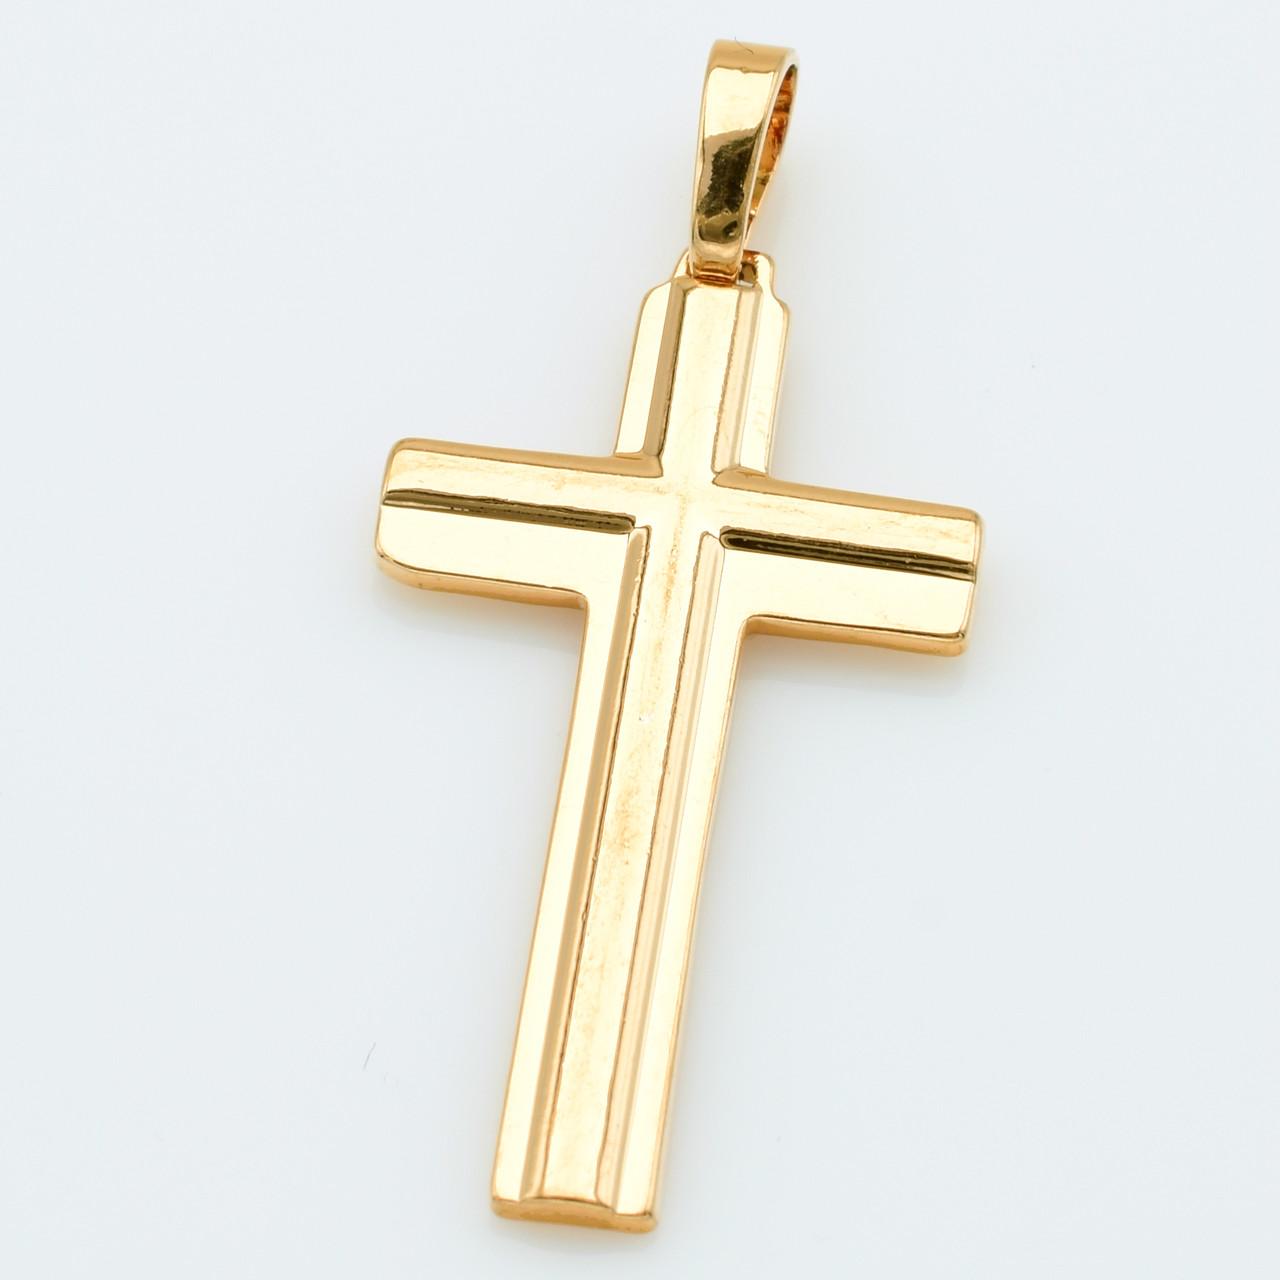 XUPING Кулон Крест Позолота 18к Высота 4.1см, Ширина 1.8см